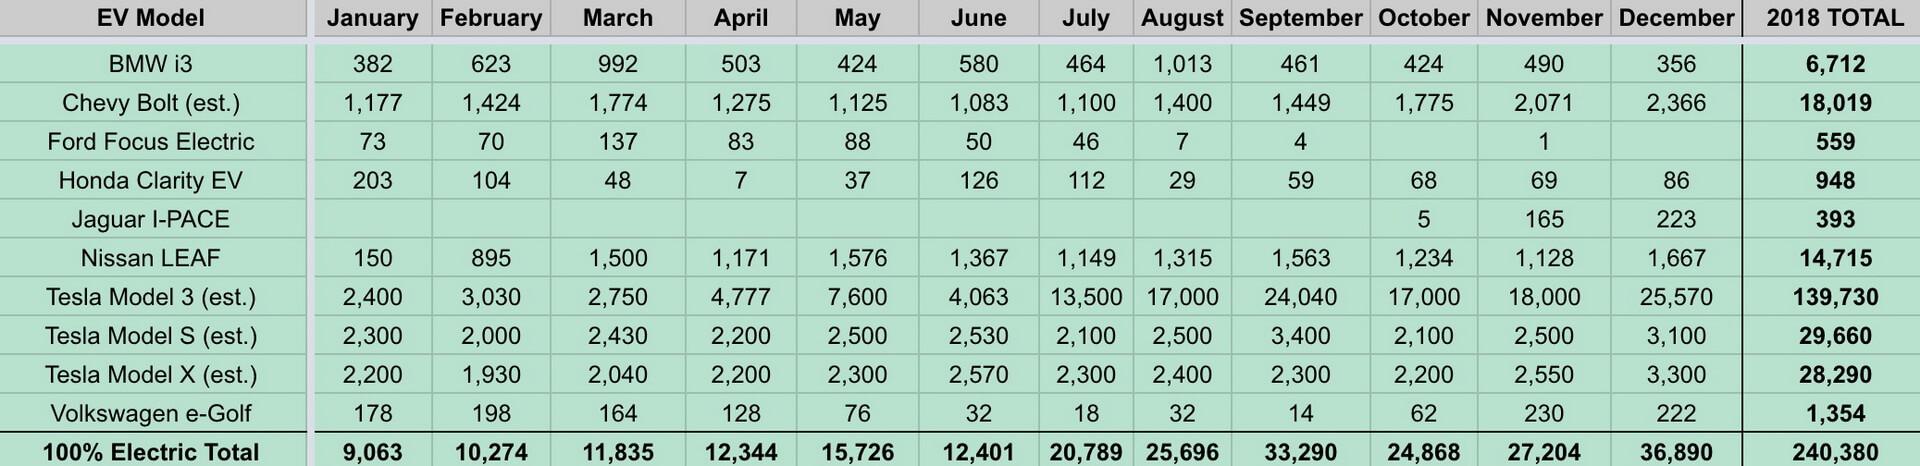 Ежемесячные продажи электромобилей по моделям в США в 2018 году